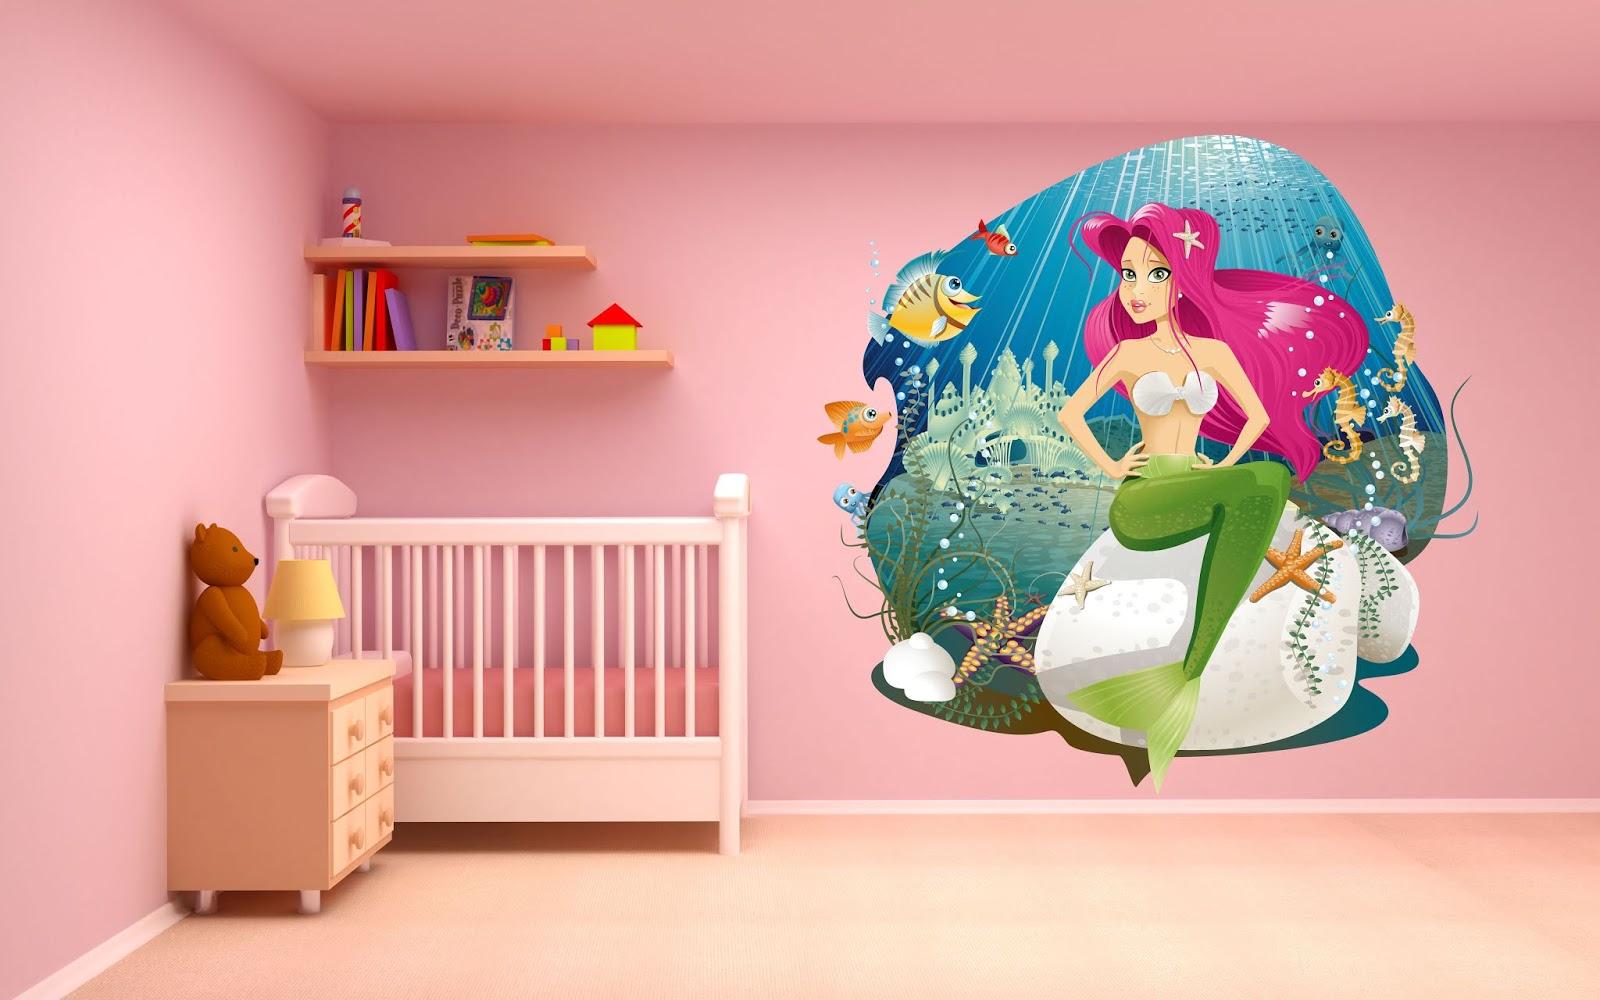 Qual è il vostro preferito? Look Grafica Adesivi Murali Per La Cameretta Dei Bambini Tante Idee Per Decorare